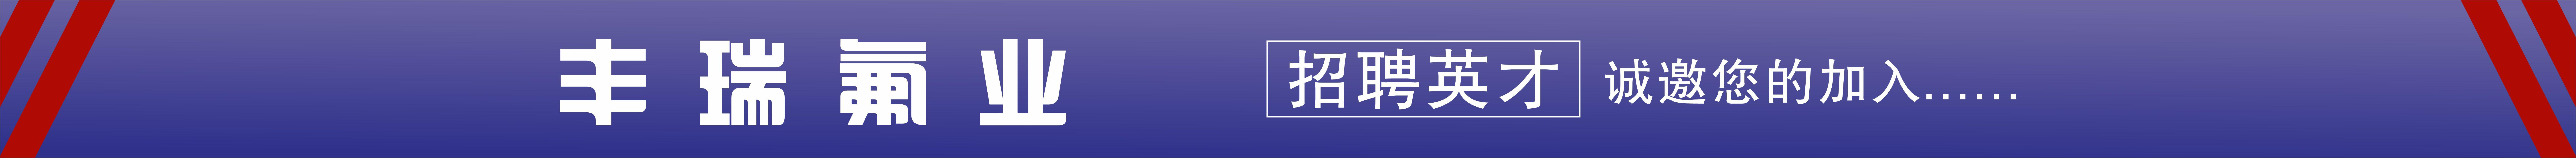 洛阳丰瑞氟业有限公司